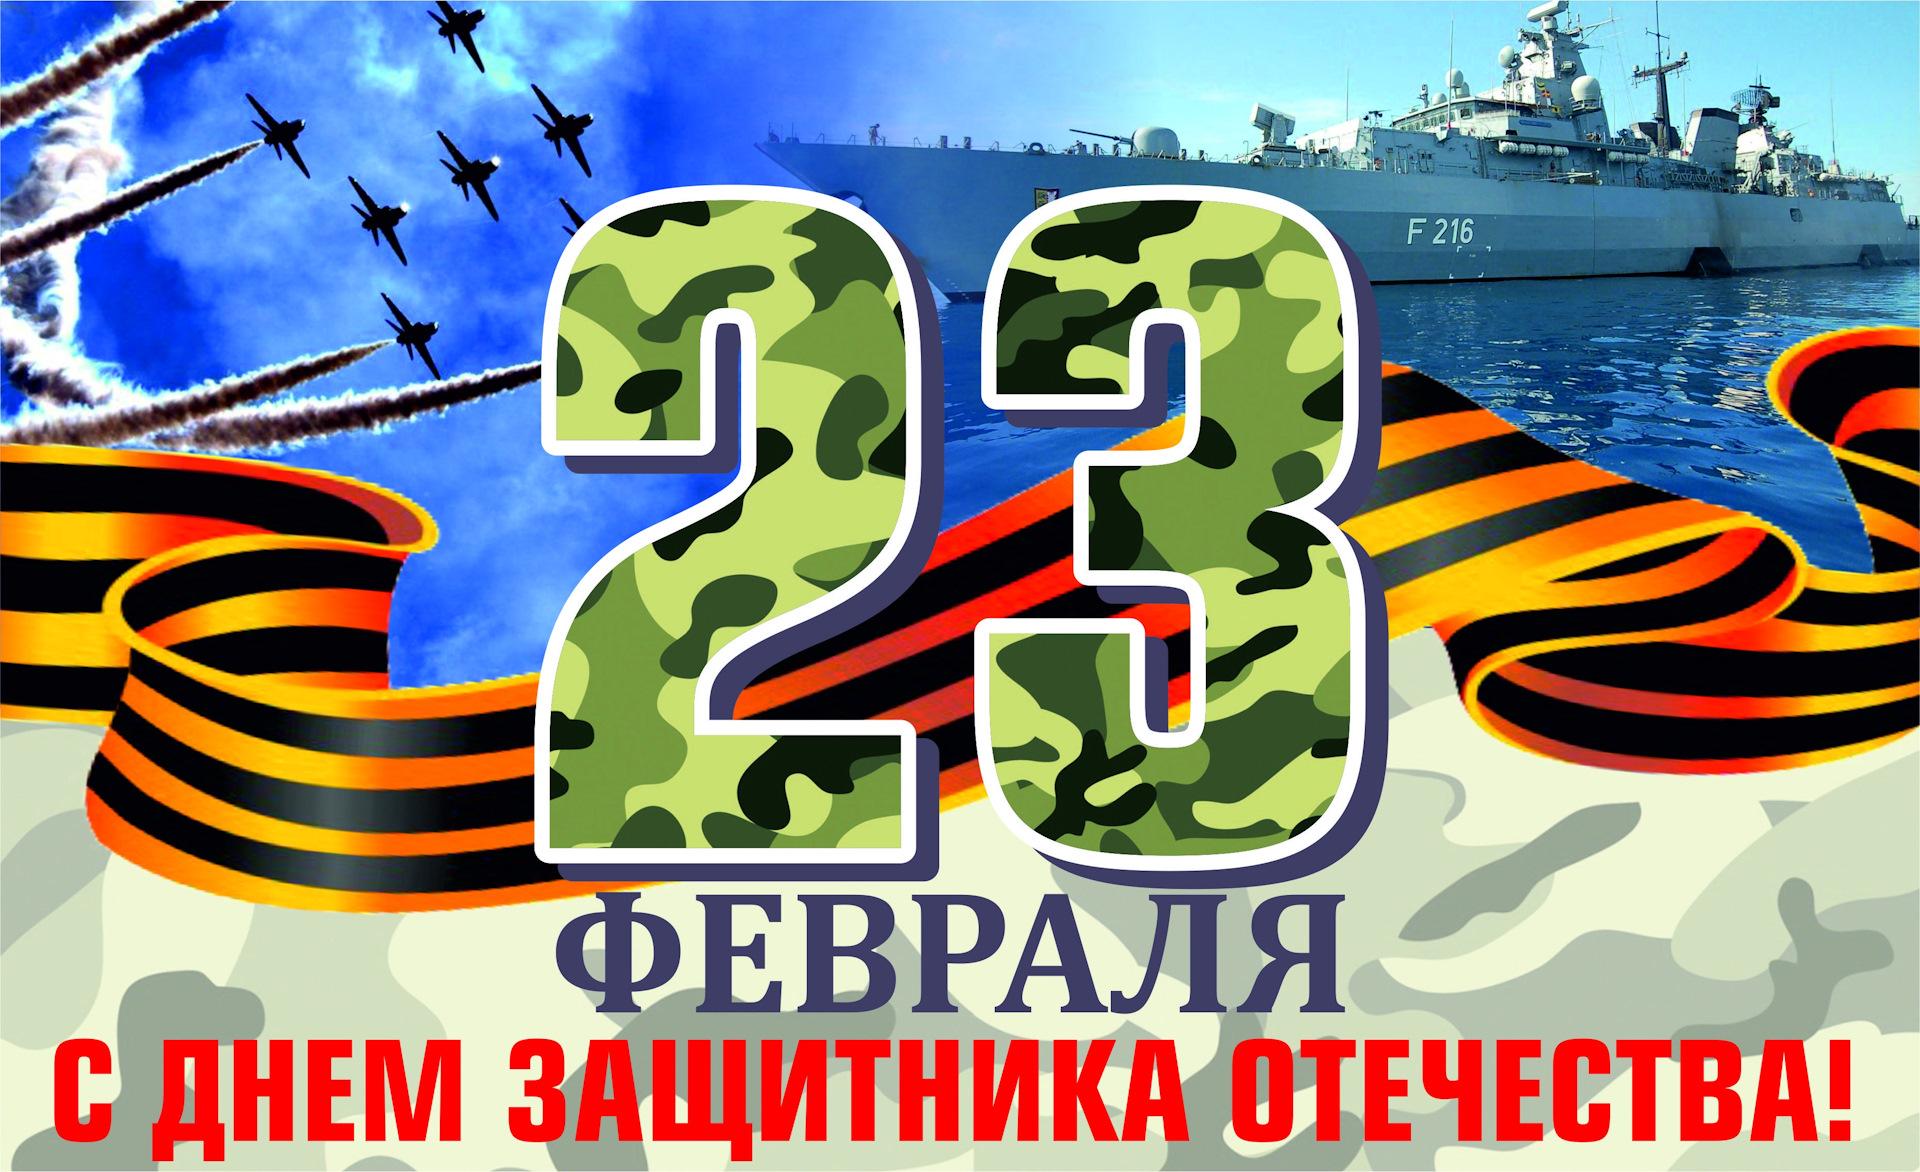 Открытки на 23 февраля картинки с танками вариантом считается